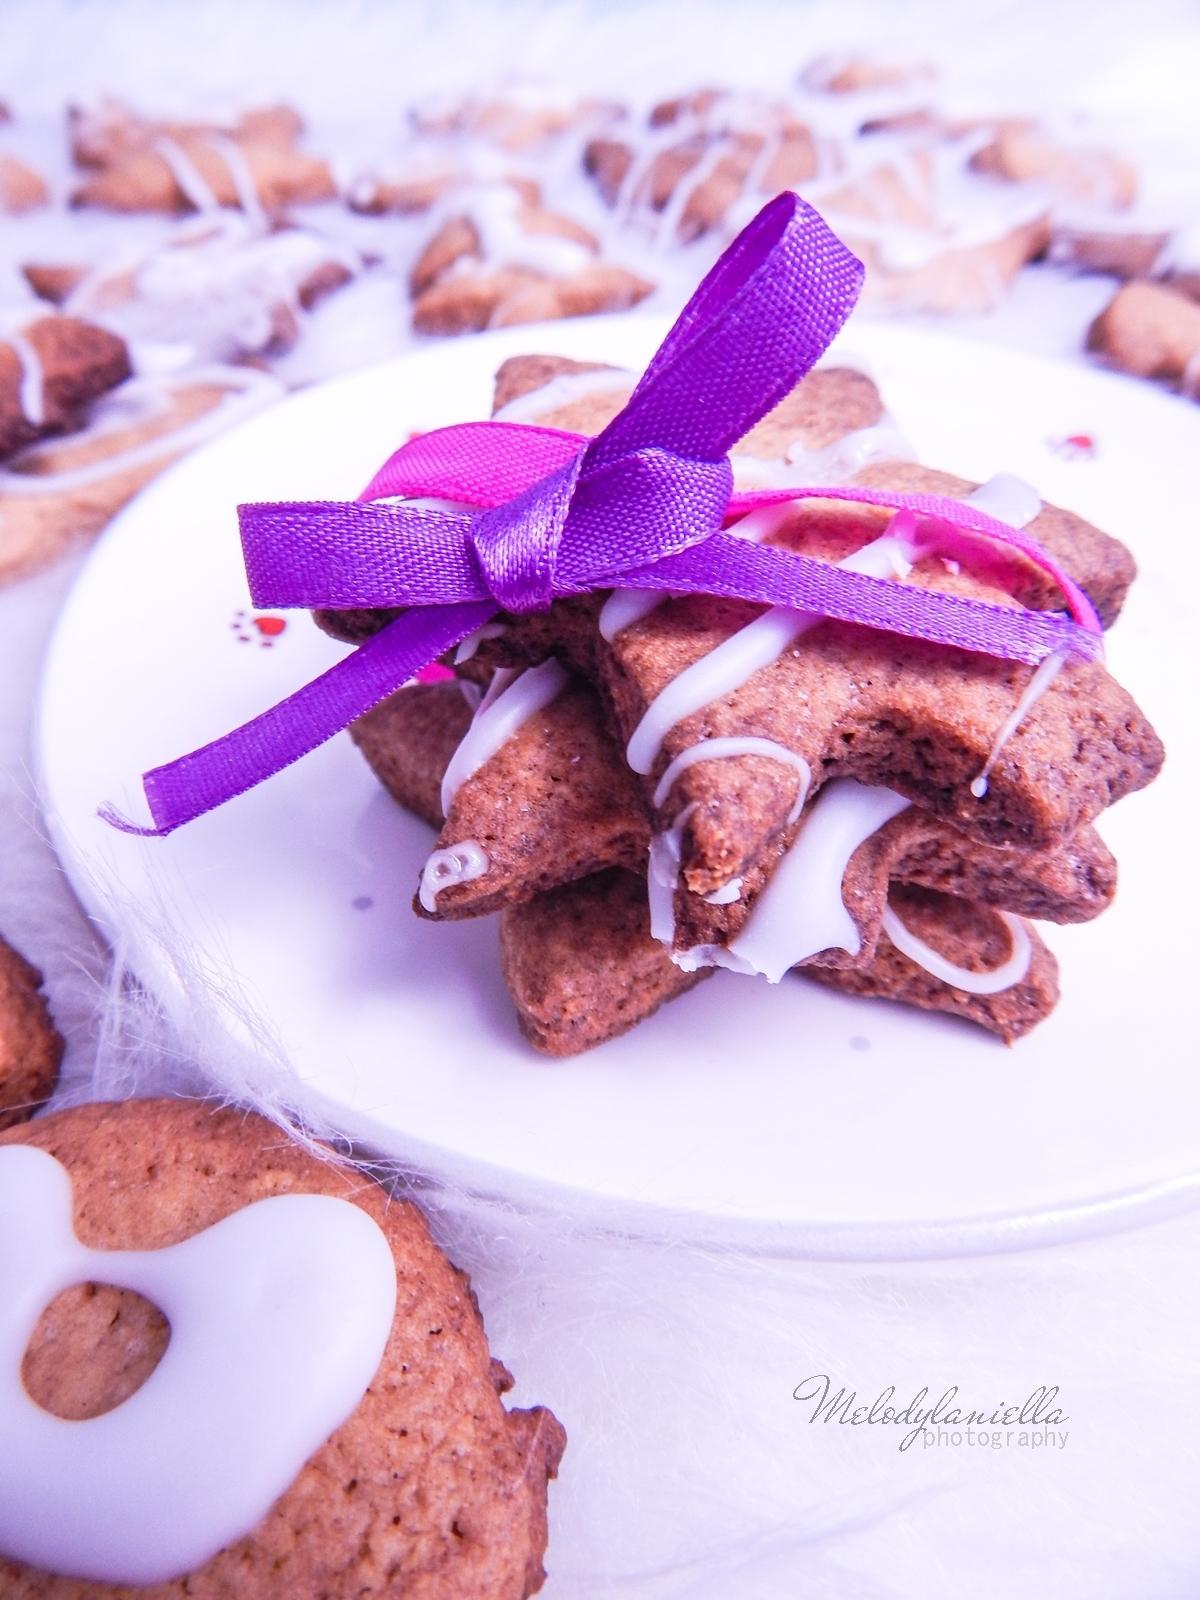 3 łatwy przepis na kruche świąteczne ciastka szybkie ciastka łatwy pzepis zdrowe fit przekąski i słodycze melodylaniella